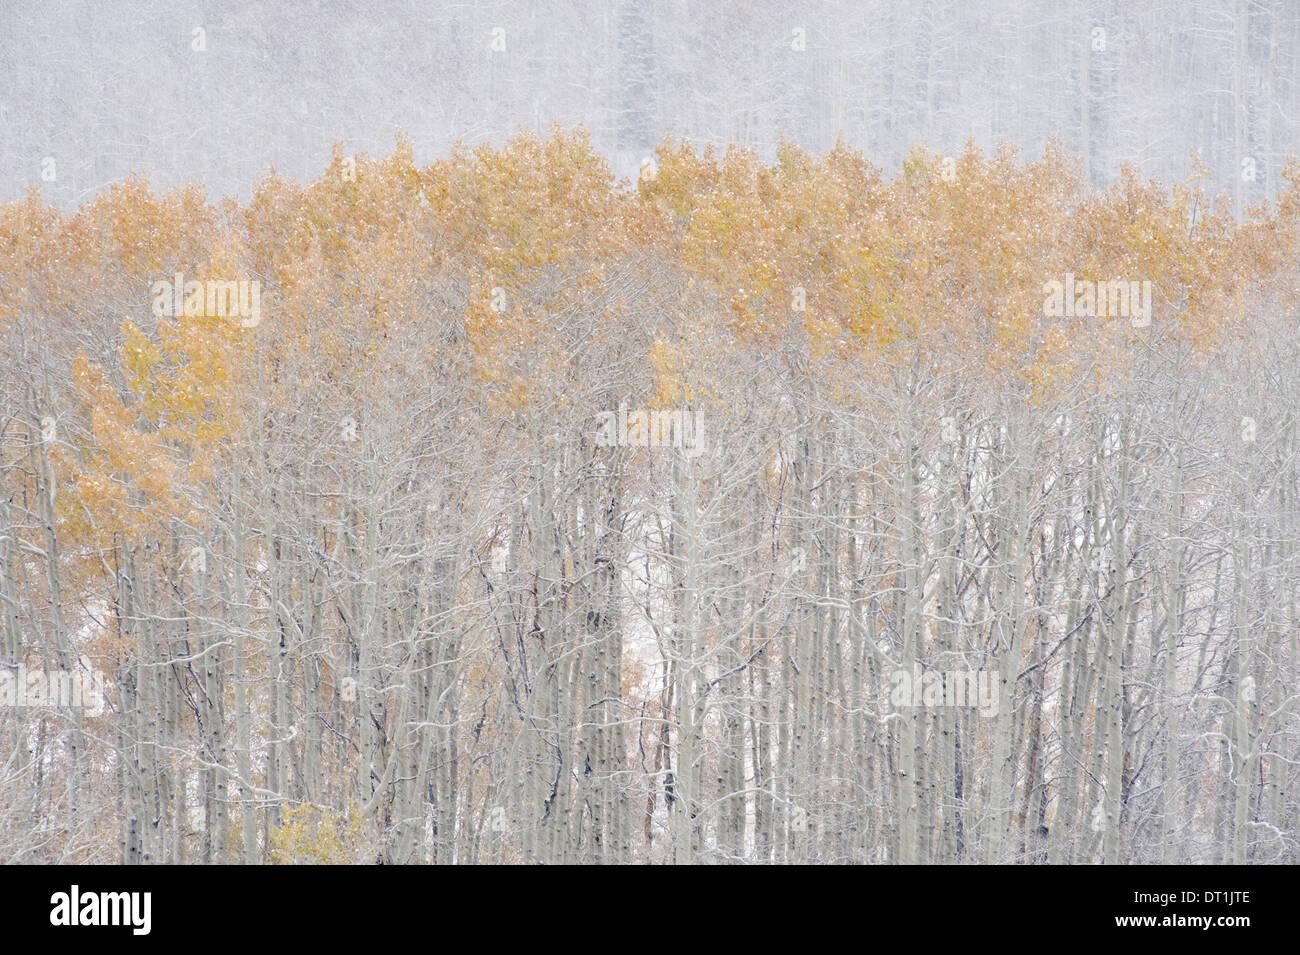 Espe Bäume im Herbst während Schnee fallen die Wasatch Berge in Utah Stockbild